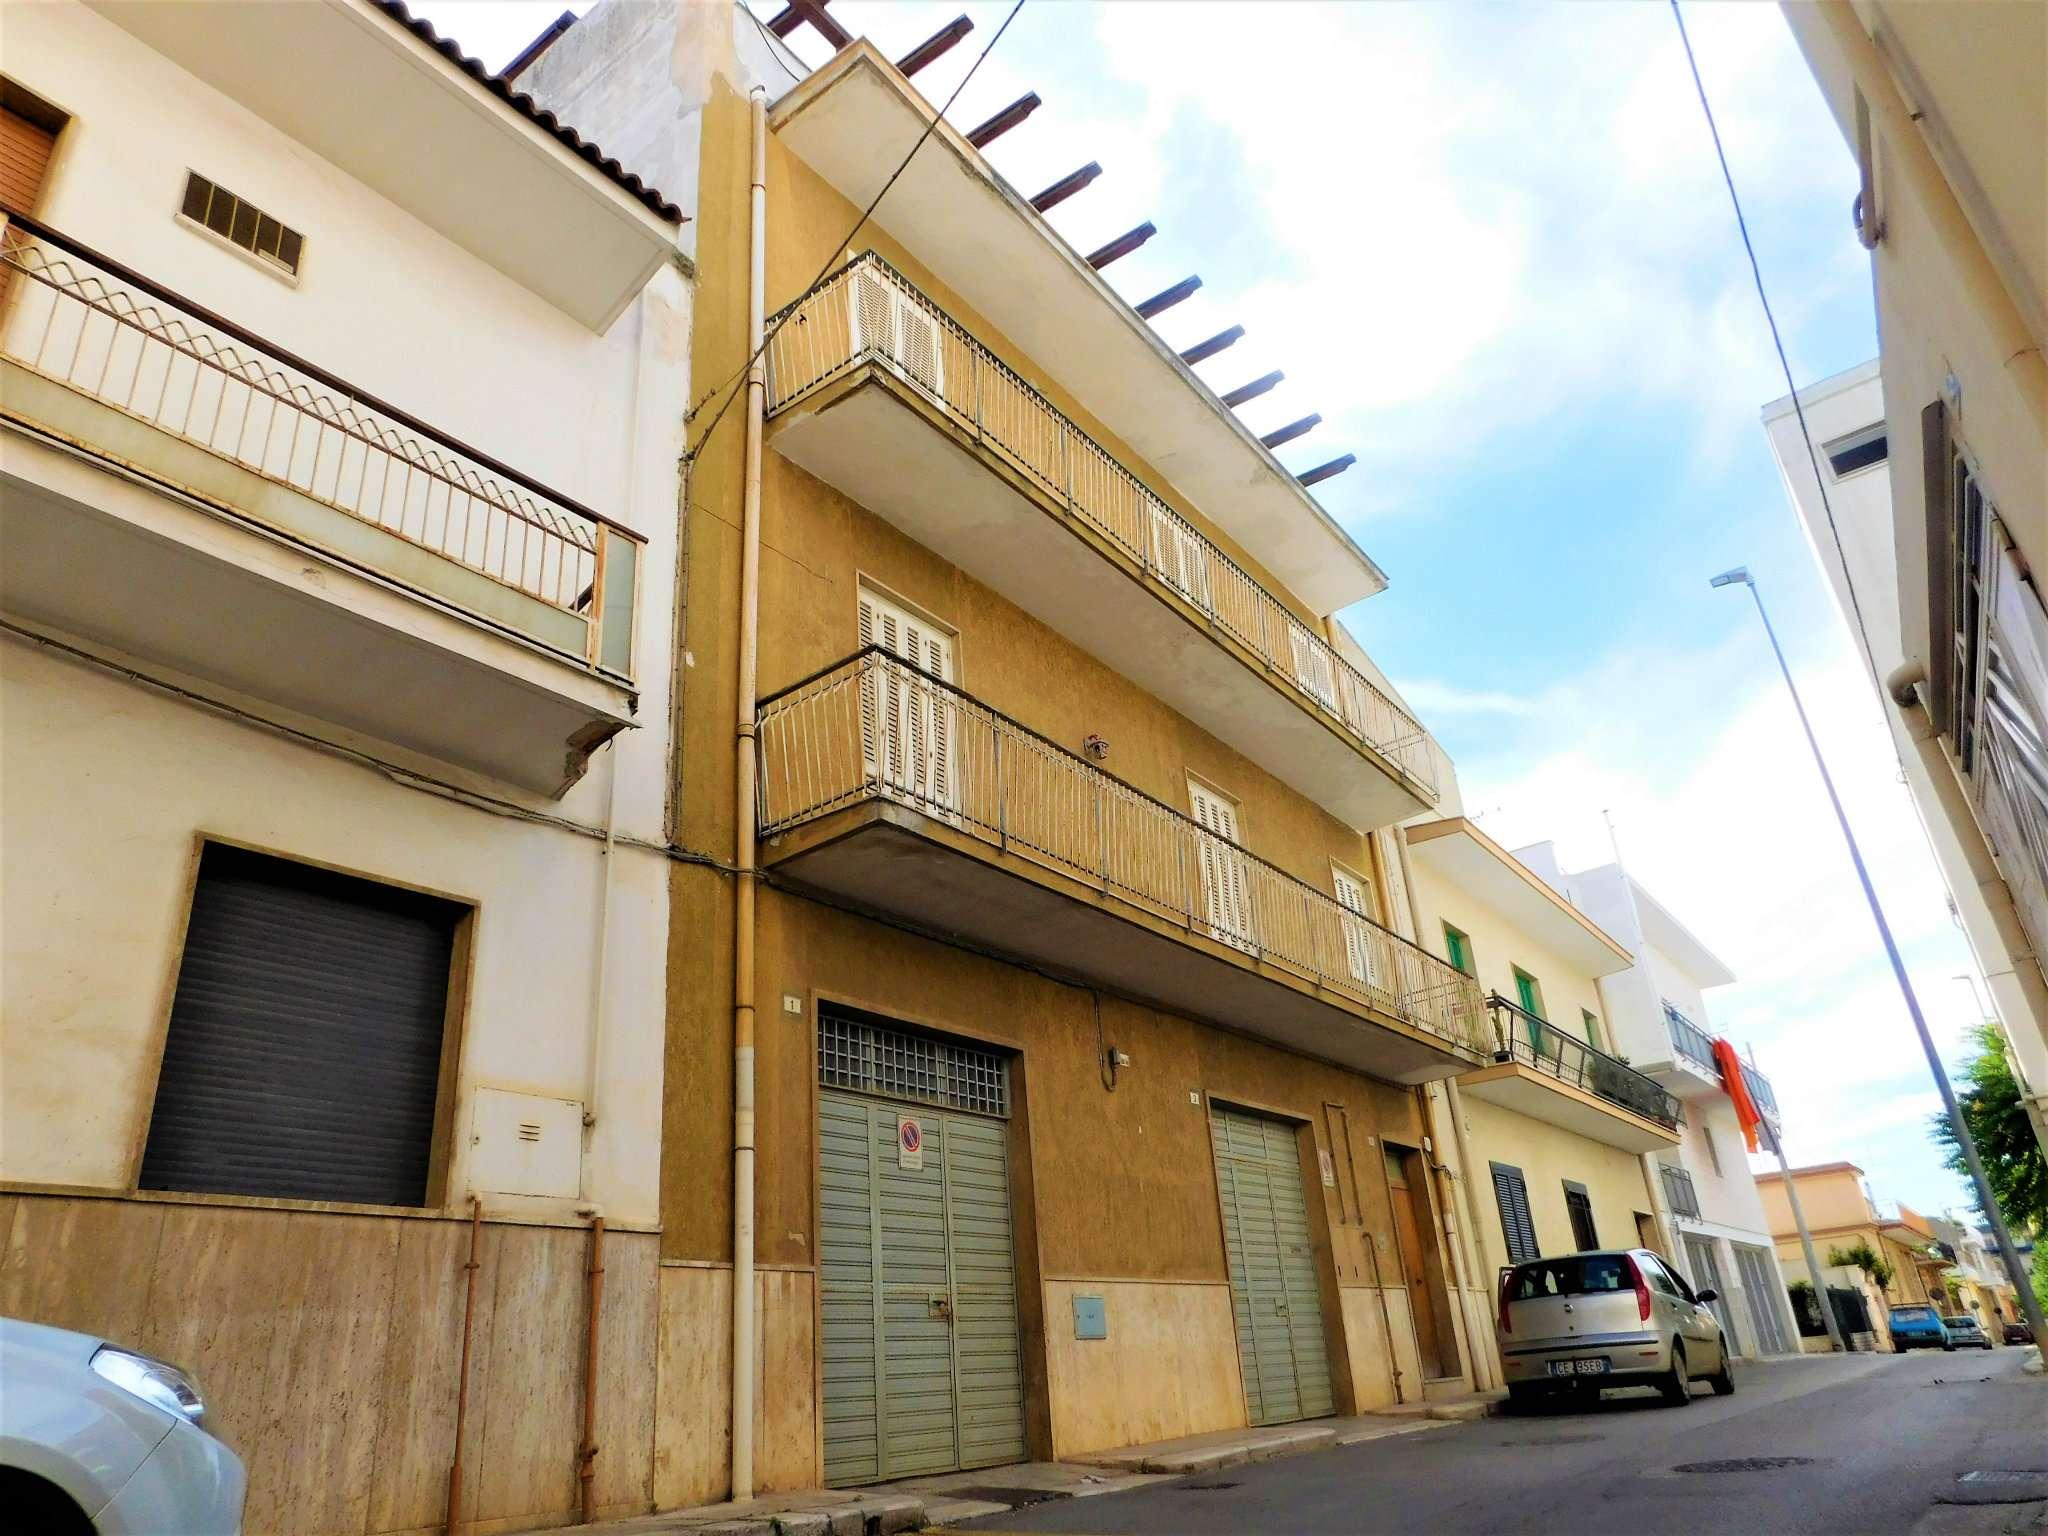 Appartamento in vendita a Bitetto, 3 locali, prezzo € 190.000 | CambioCasa.it